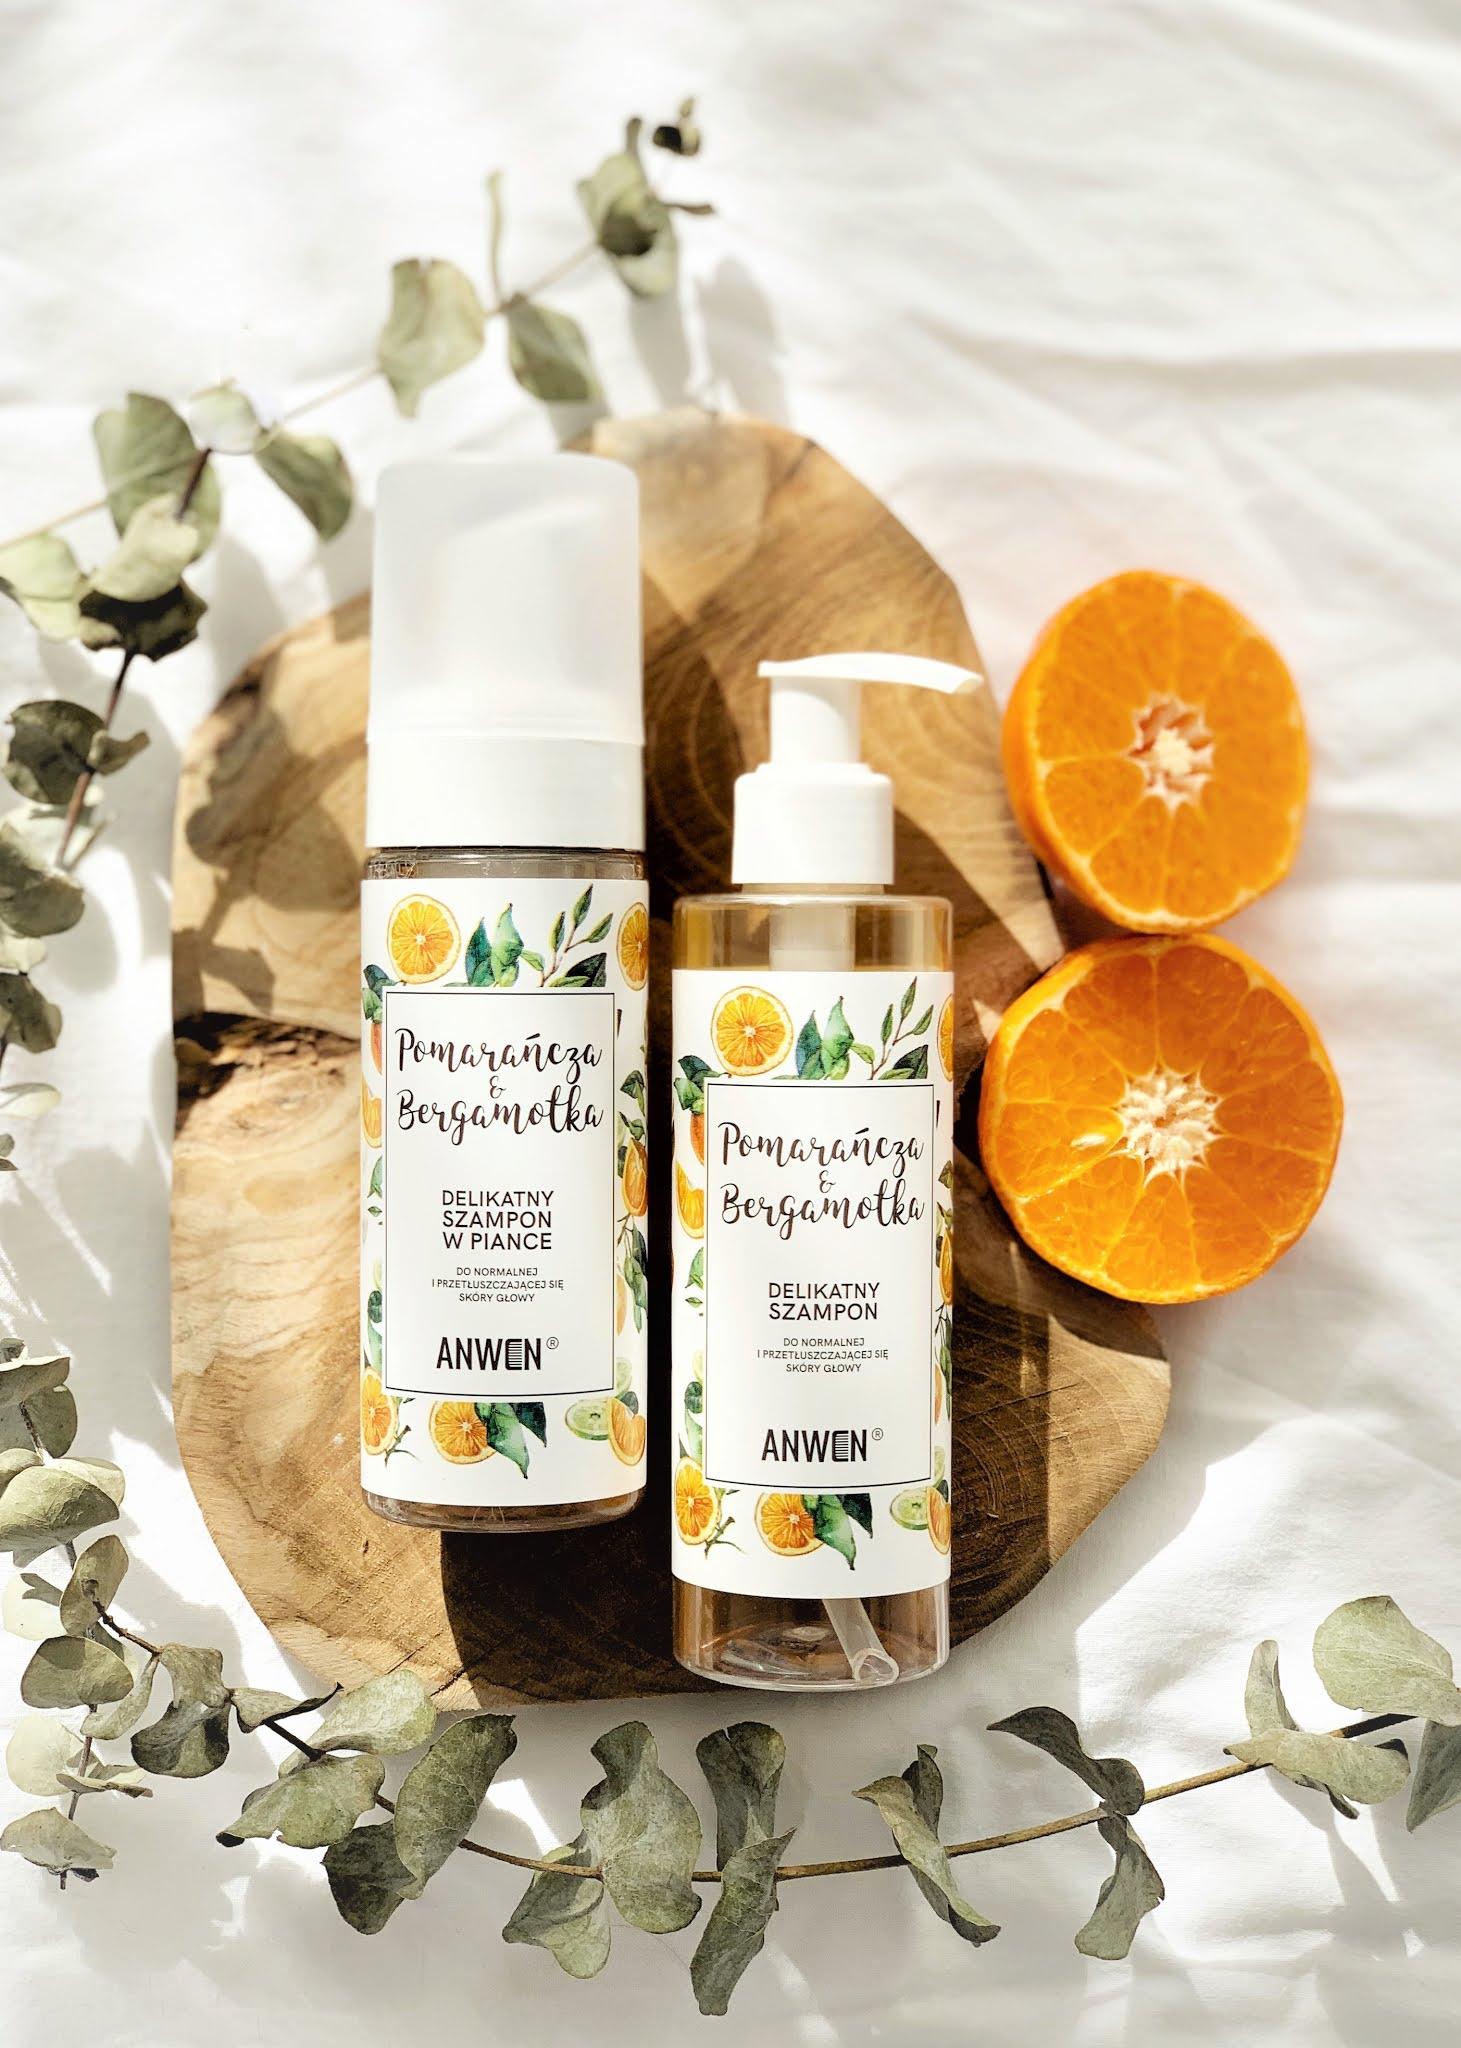 Szampon pomarańcza i bergamotka do normalnej i przetłuszczającej się skóry głowy Anwen